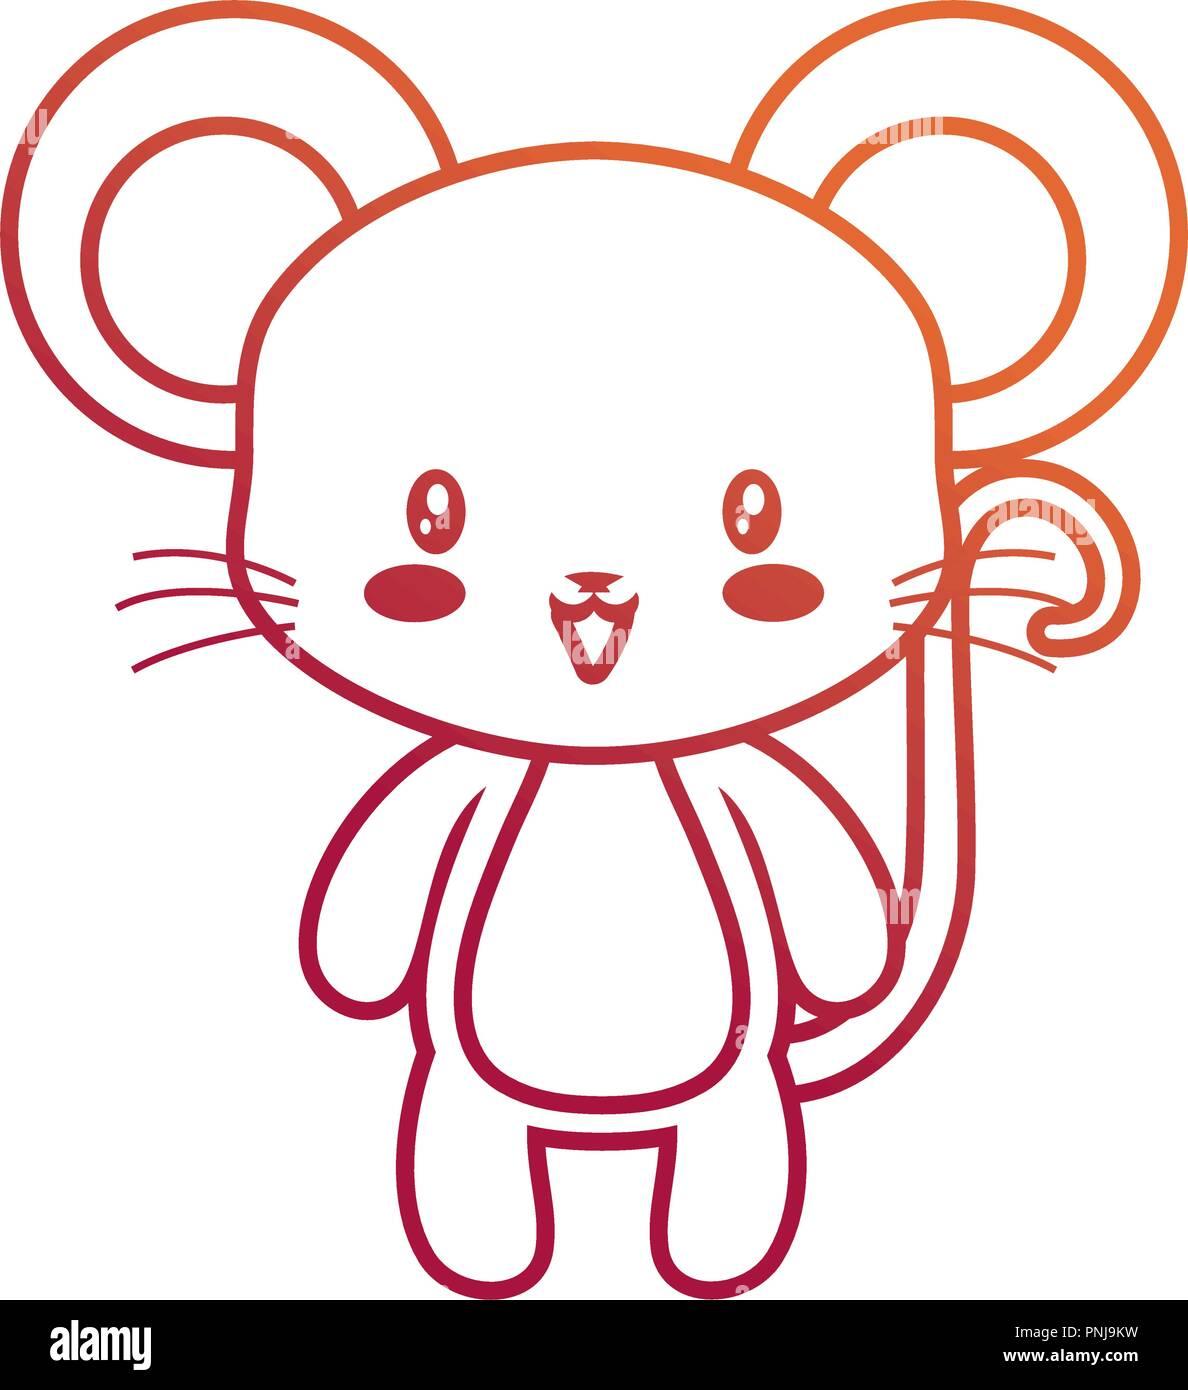 Ratón Lindo Bebé Animal Caricatura Dibujo Ilustración